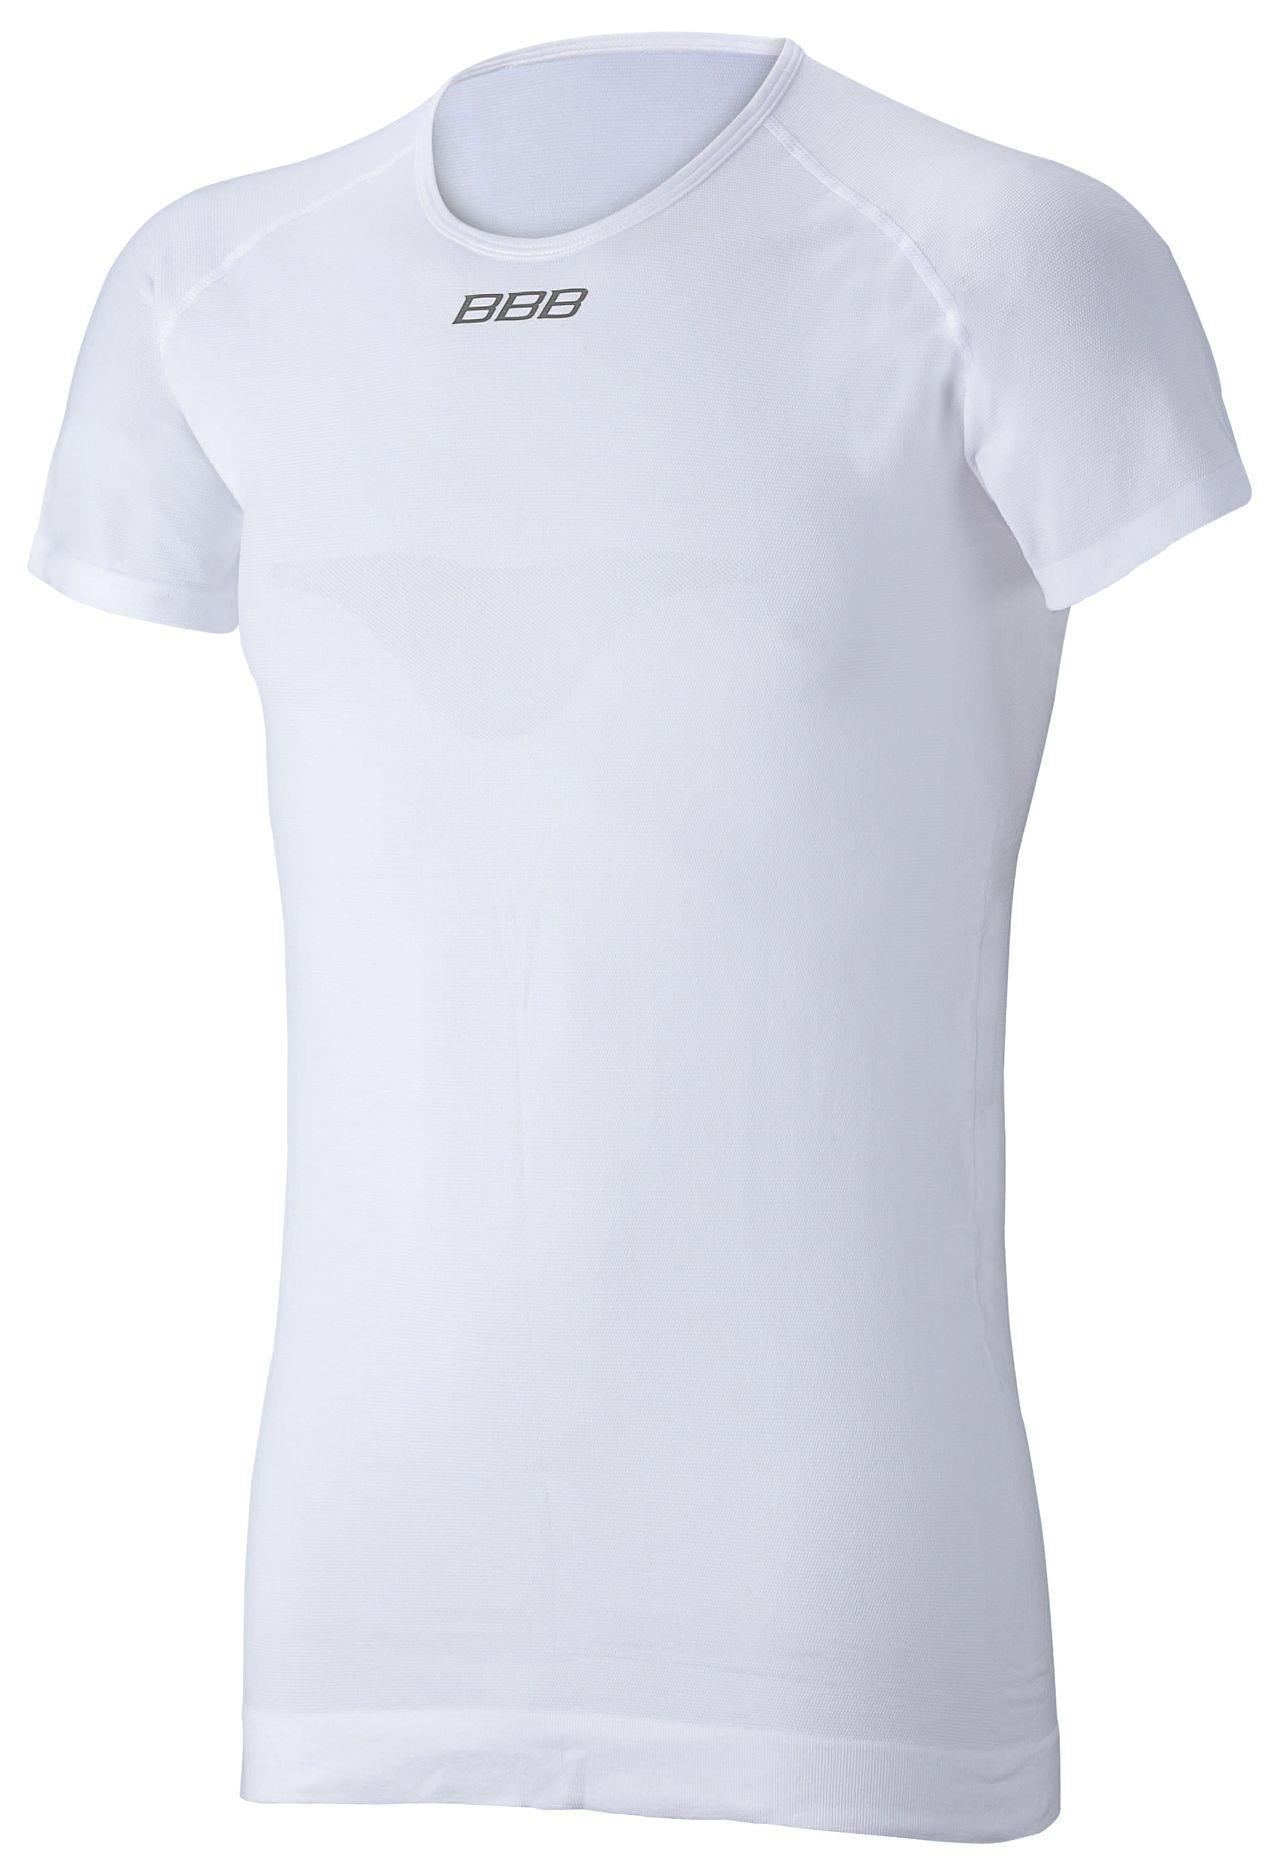 Sous vêtement été BBB CoolLayer MC Blanc - BUW-07 - XS/S